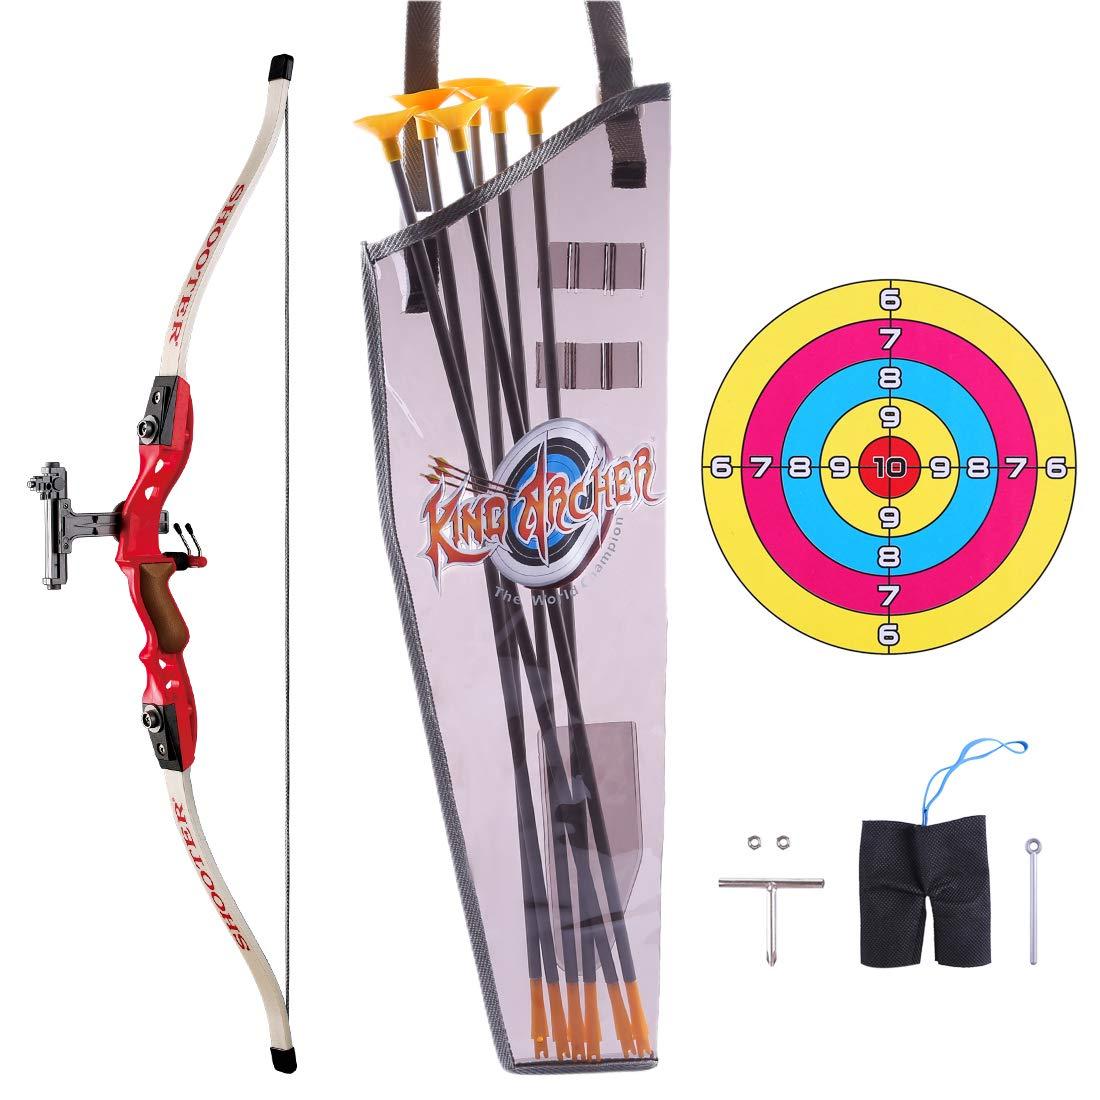 Outdoor Schie/ßspiele mit 6 Starken Saugnapfpfeilen Spielzeug f/ür drau/ßen ab 6 Jahre YxFlower Pfeil und Bogen Kinder Set